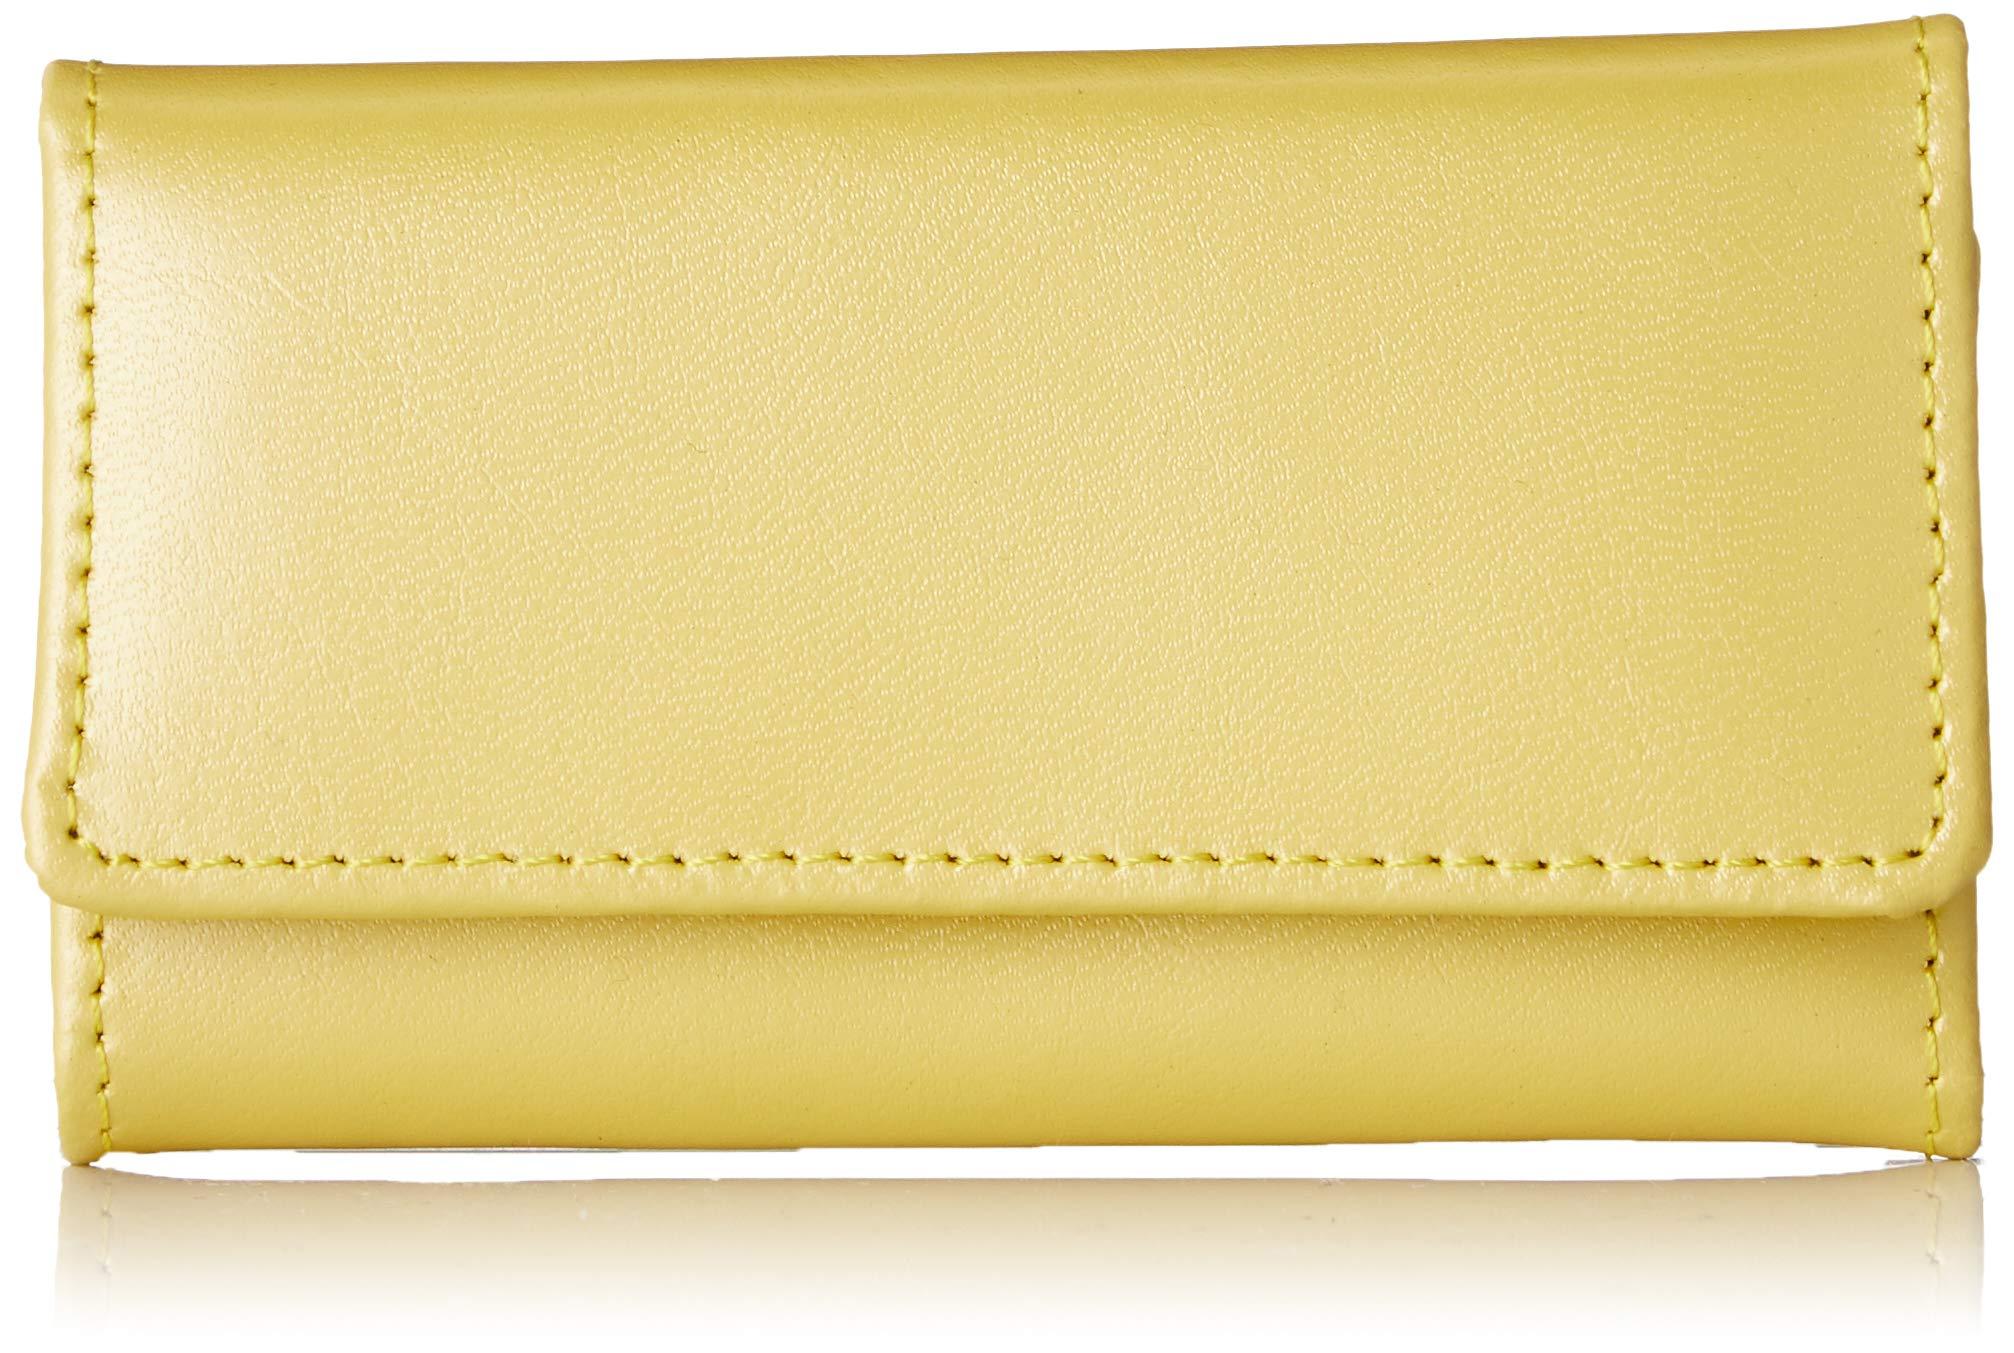 [Kangol sports]女性用キーバッグの表面には少し真珠が付いています。 4キー小銭入れ付きジッパーポケットS-KG830023YE